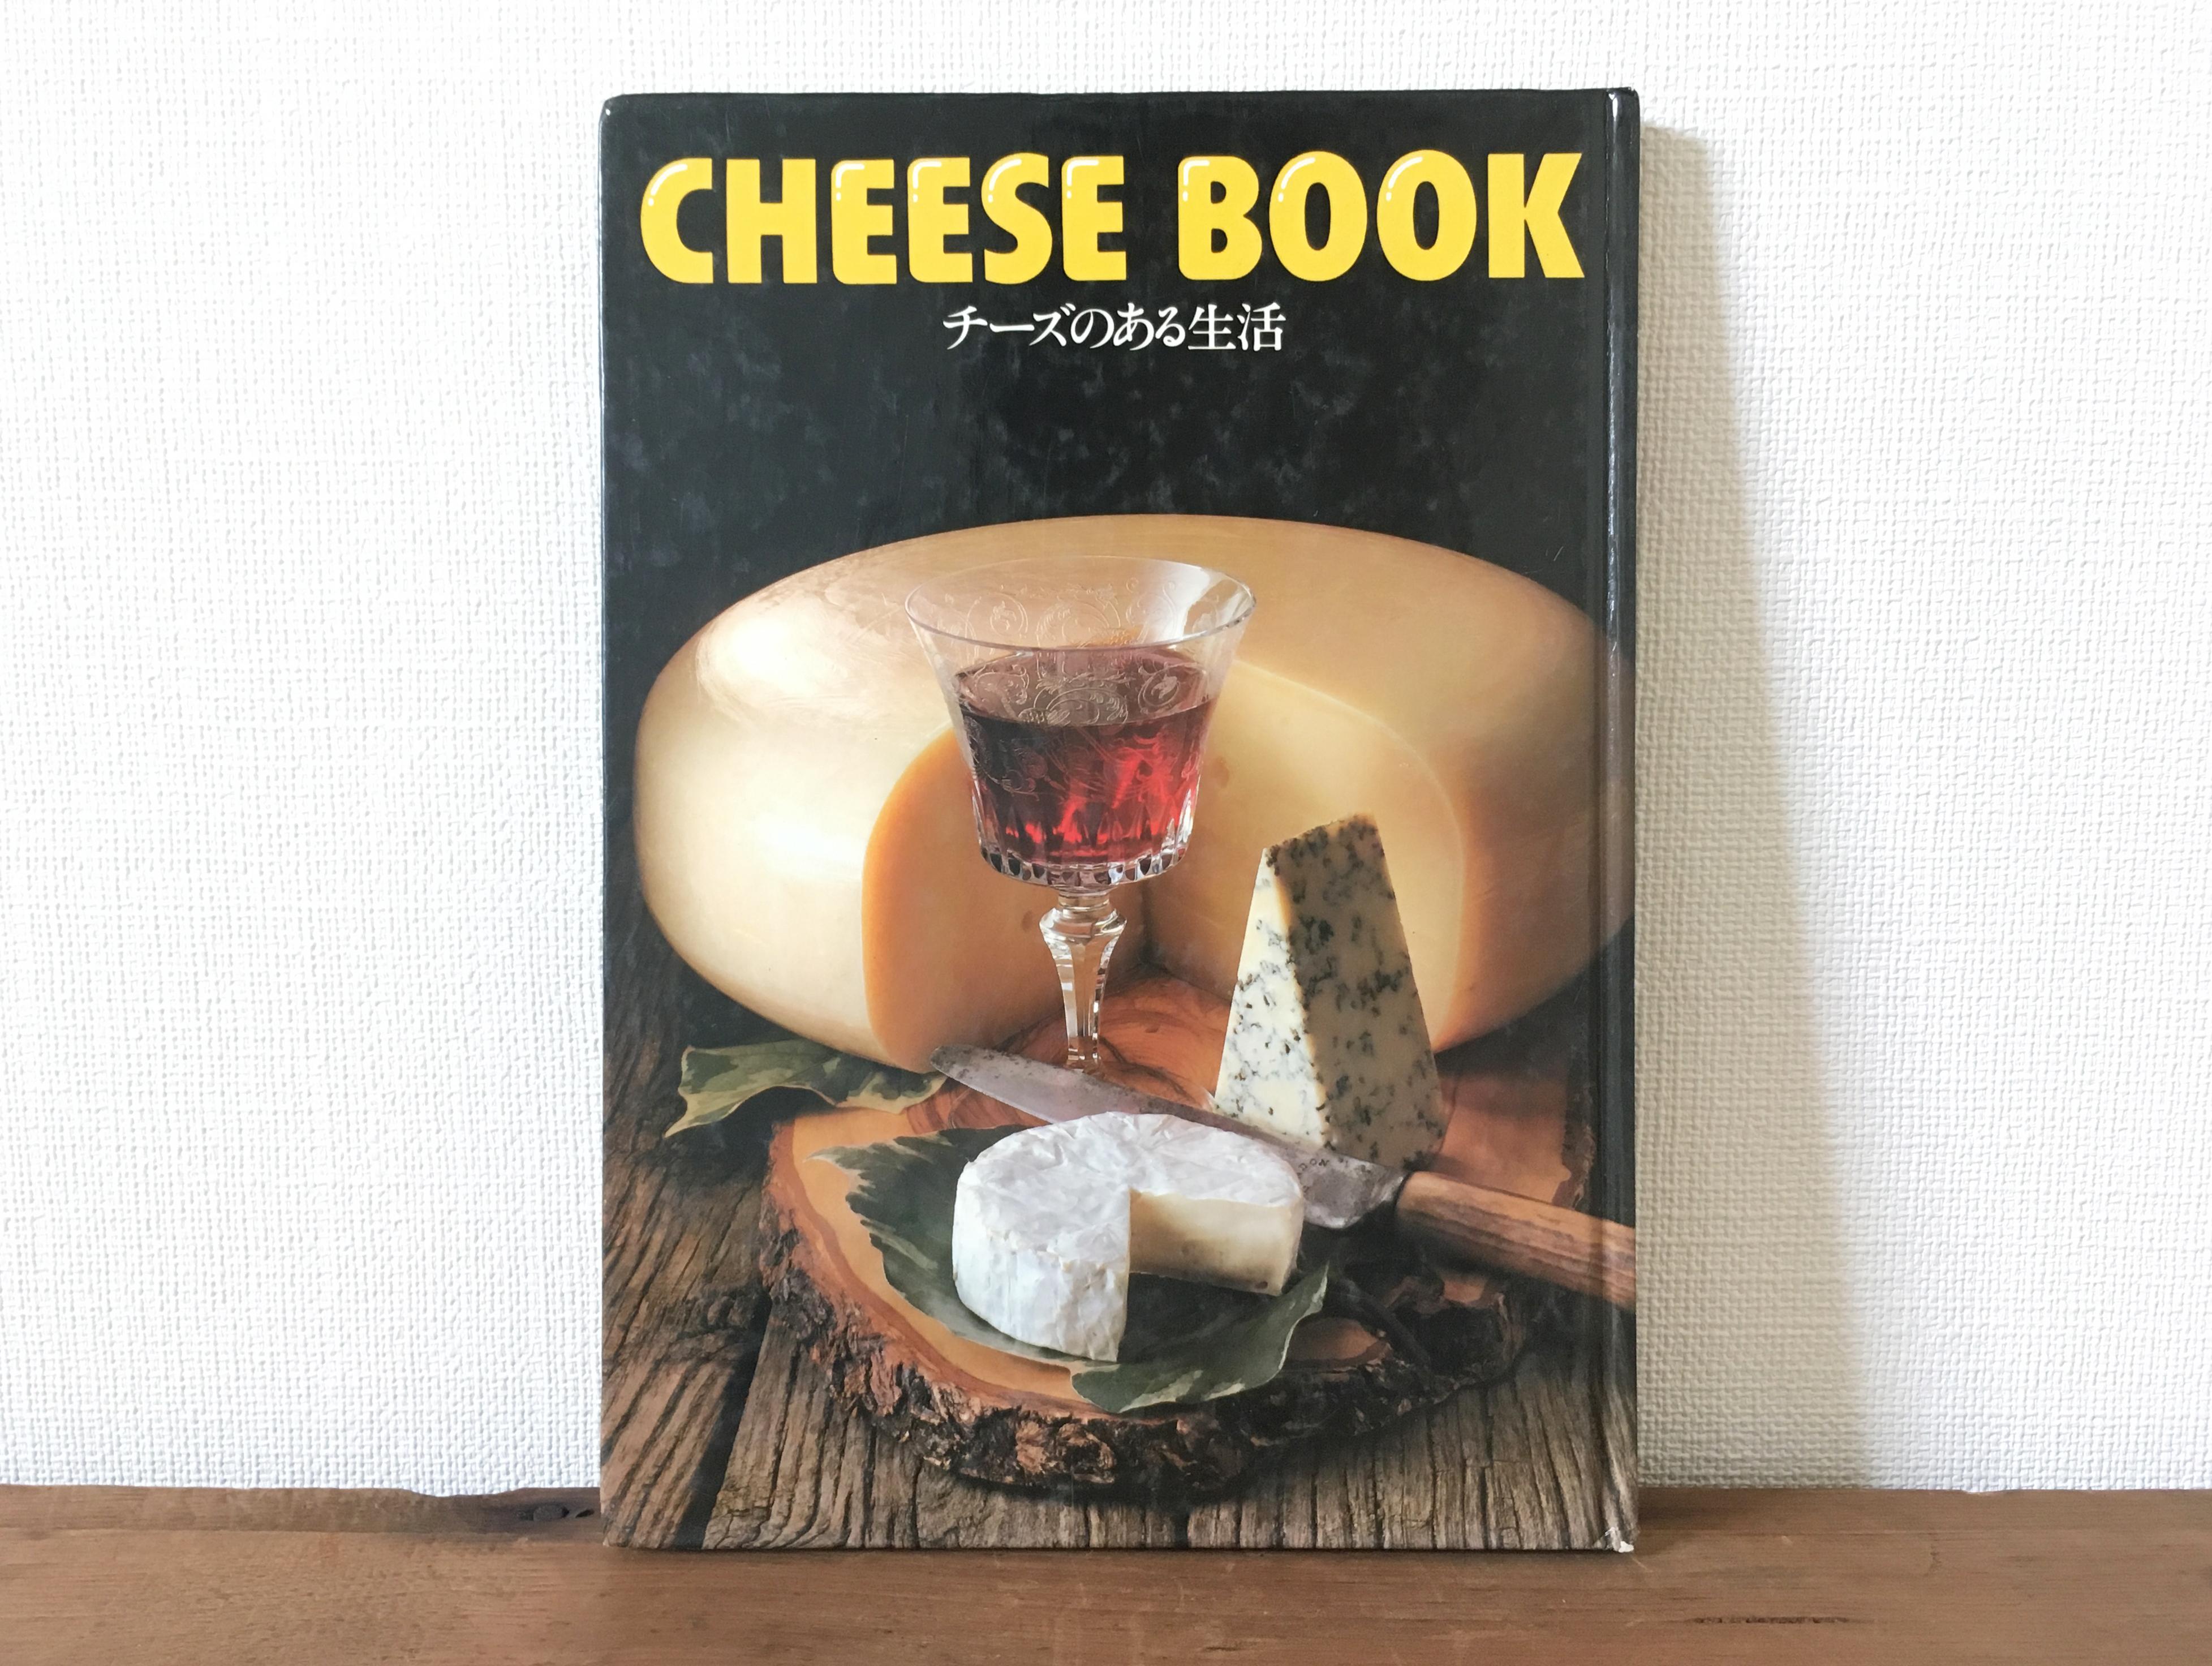 [古本]CHEESE BOOK チーズのある生活